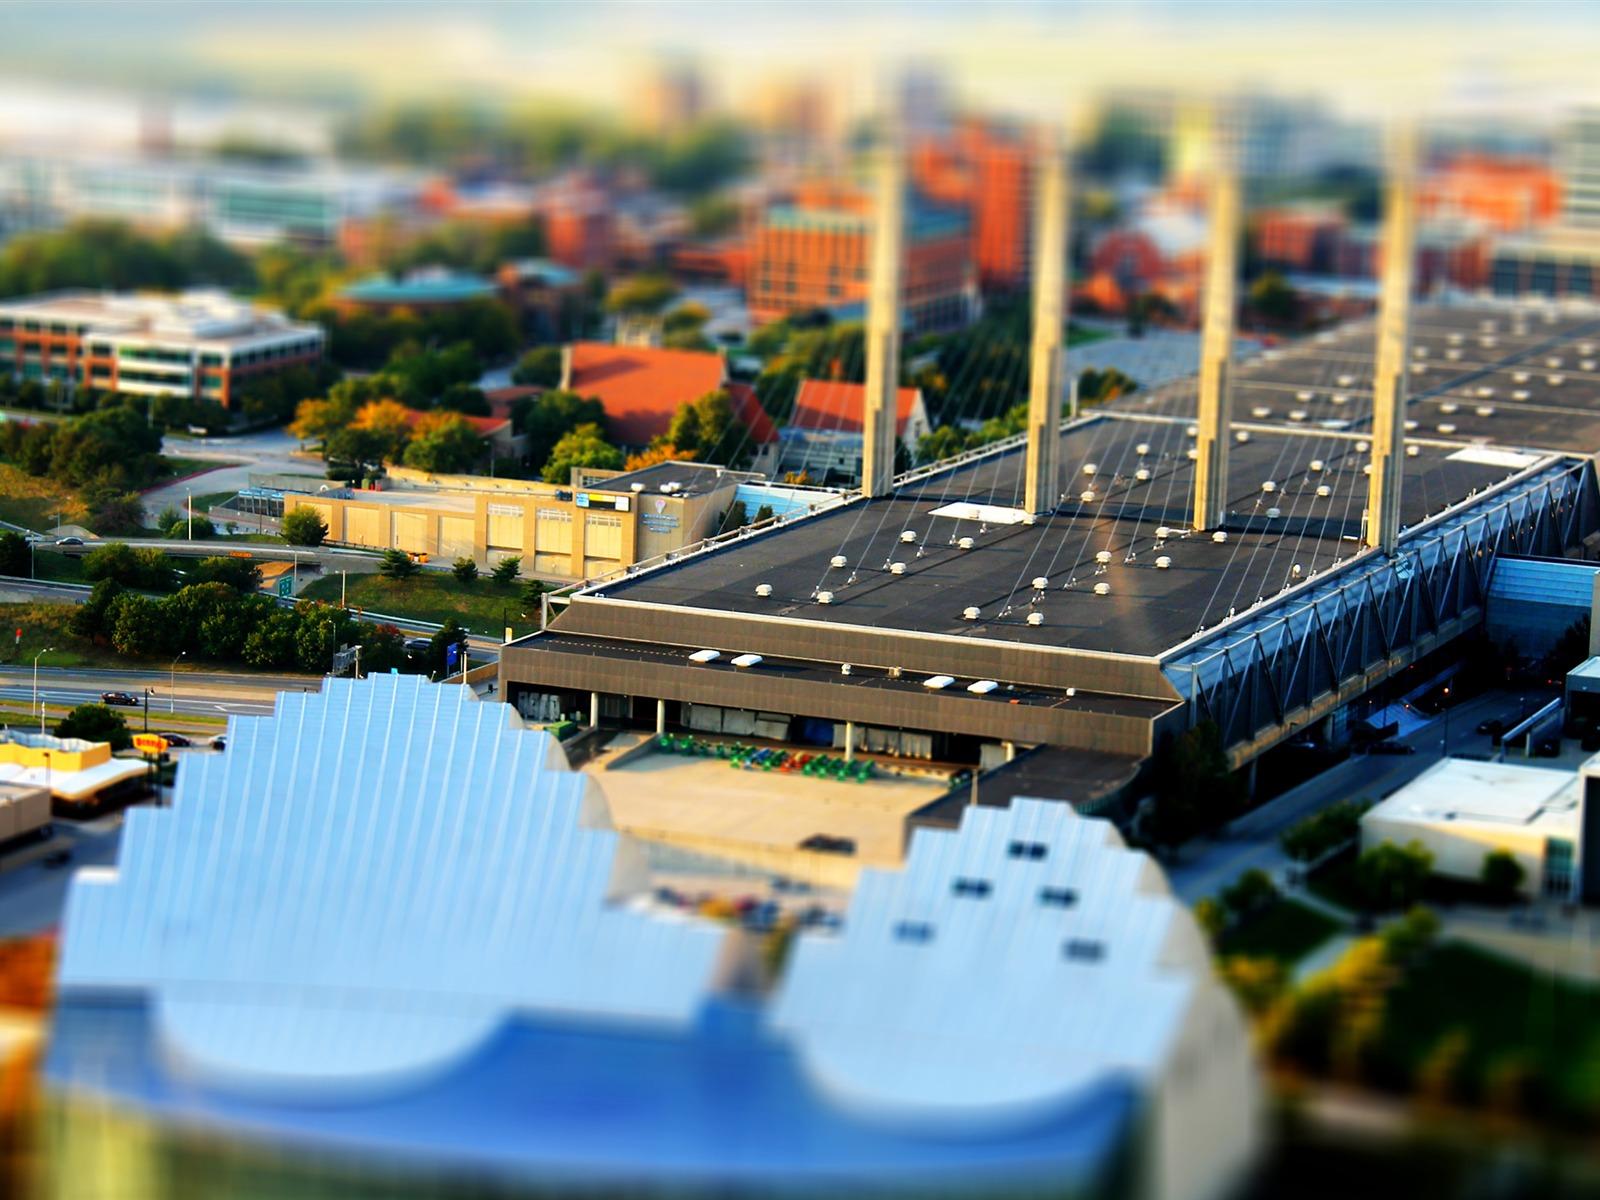 ミニチュアダウンタウン マイクロ都市の写真のhdの壁紙プレビュー 10wallpaper Com